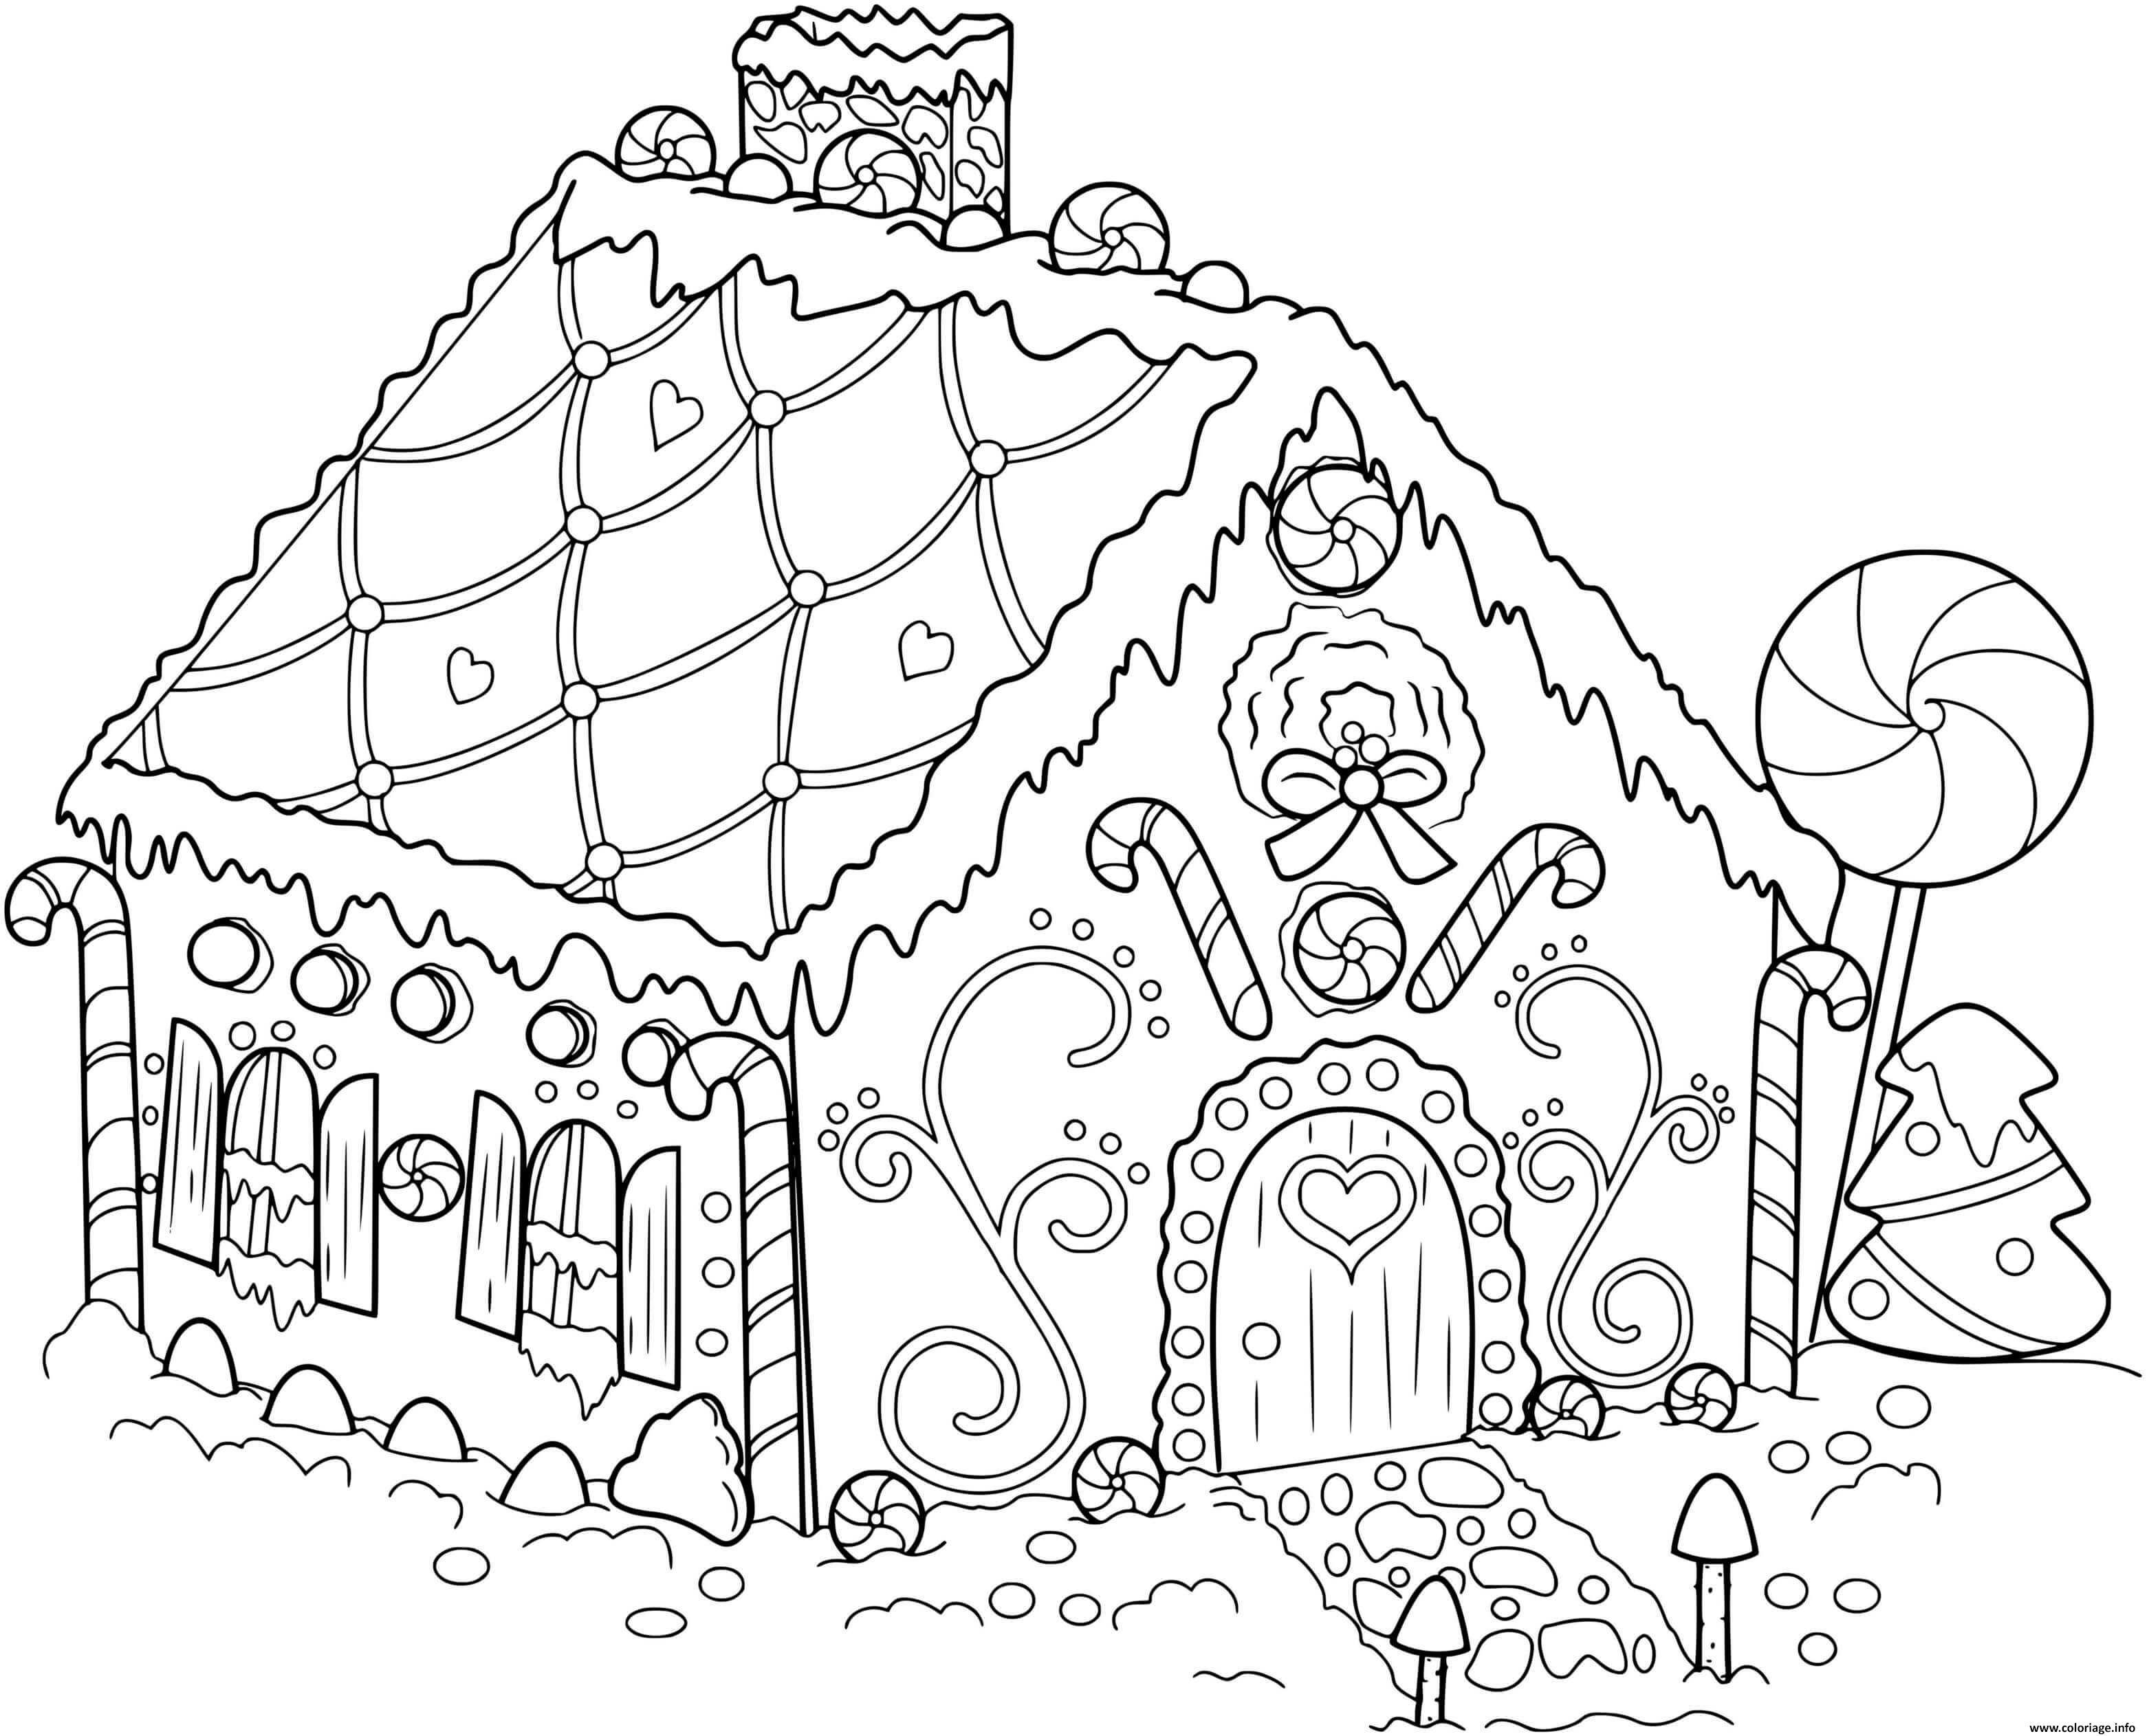 Coloriage Maison Pain Depices Dans Un Village De Noel Dessin Maison En Pain Depices A Imprimer